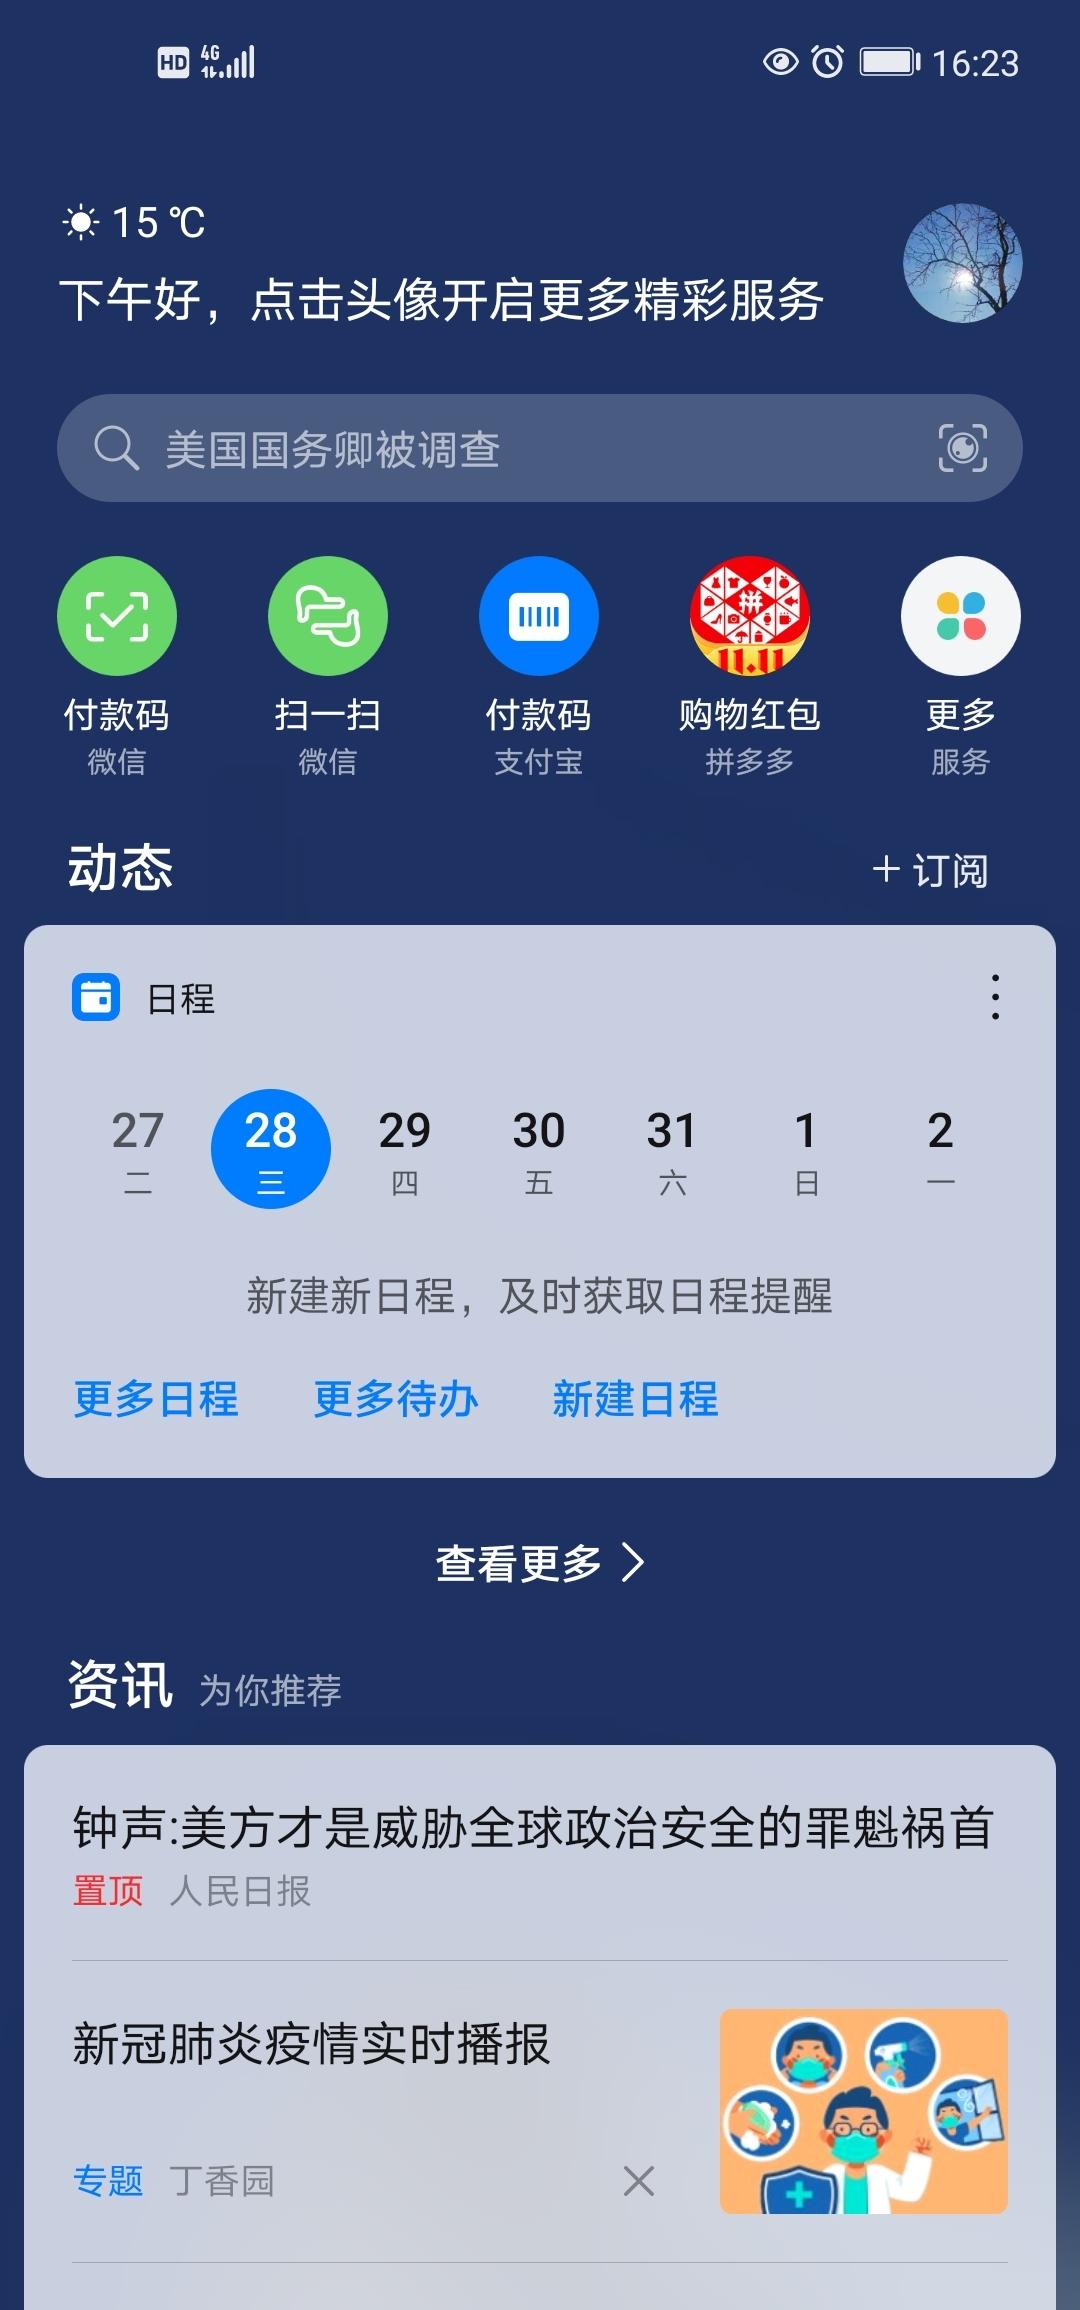 Screenshot_20201028_162326_com.huawei.android.launcher.jpg